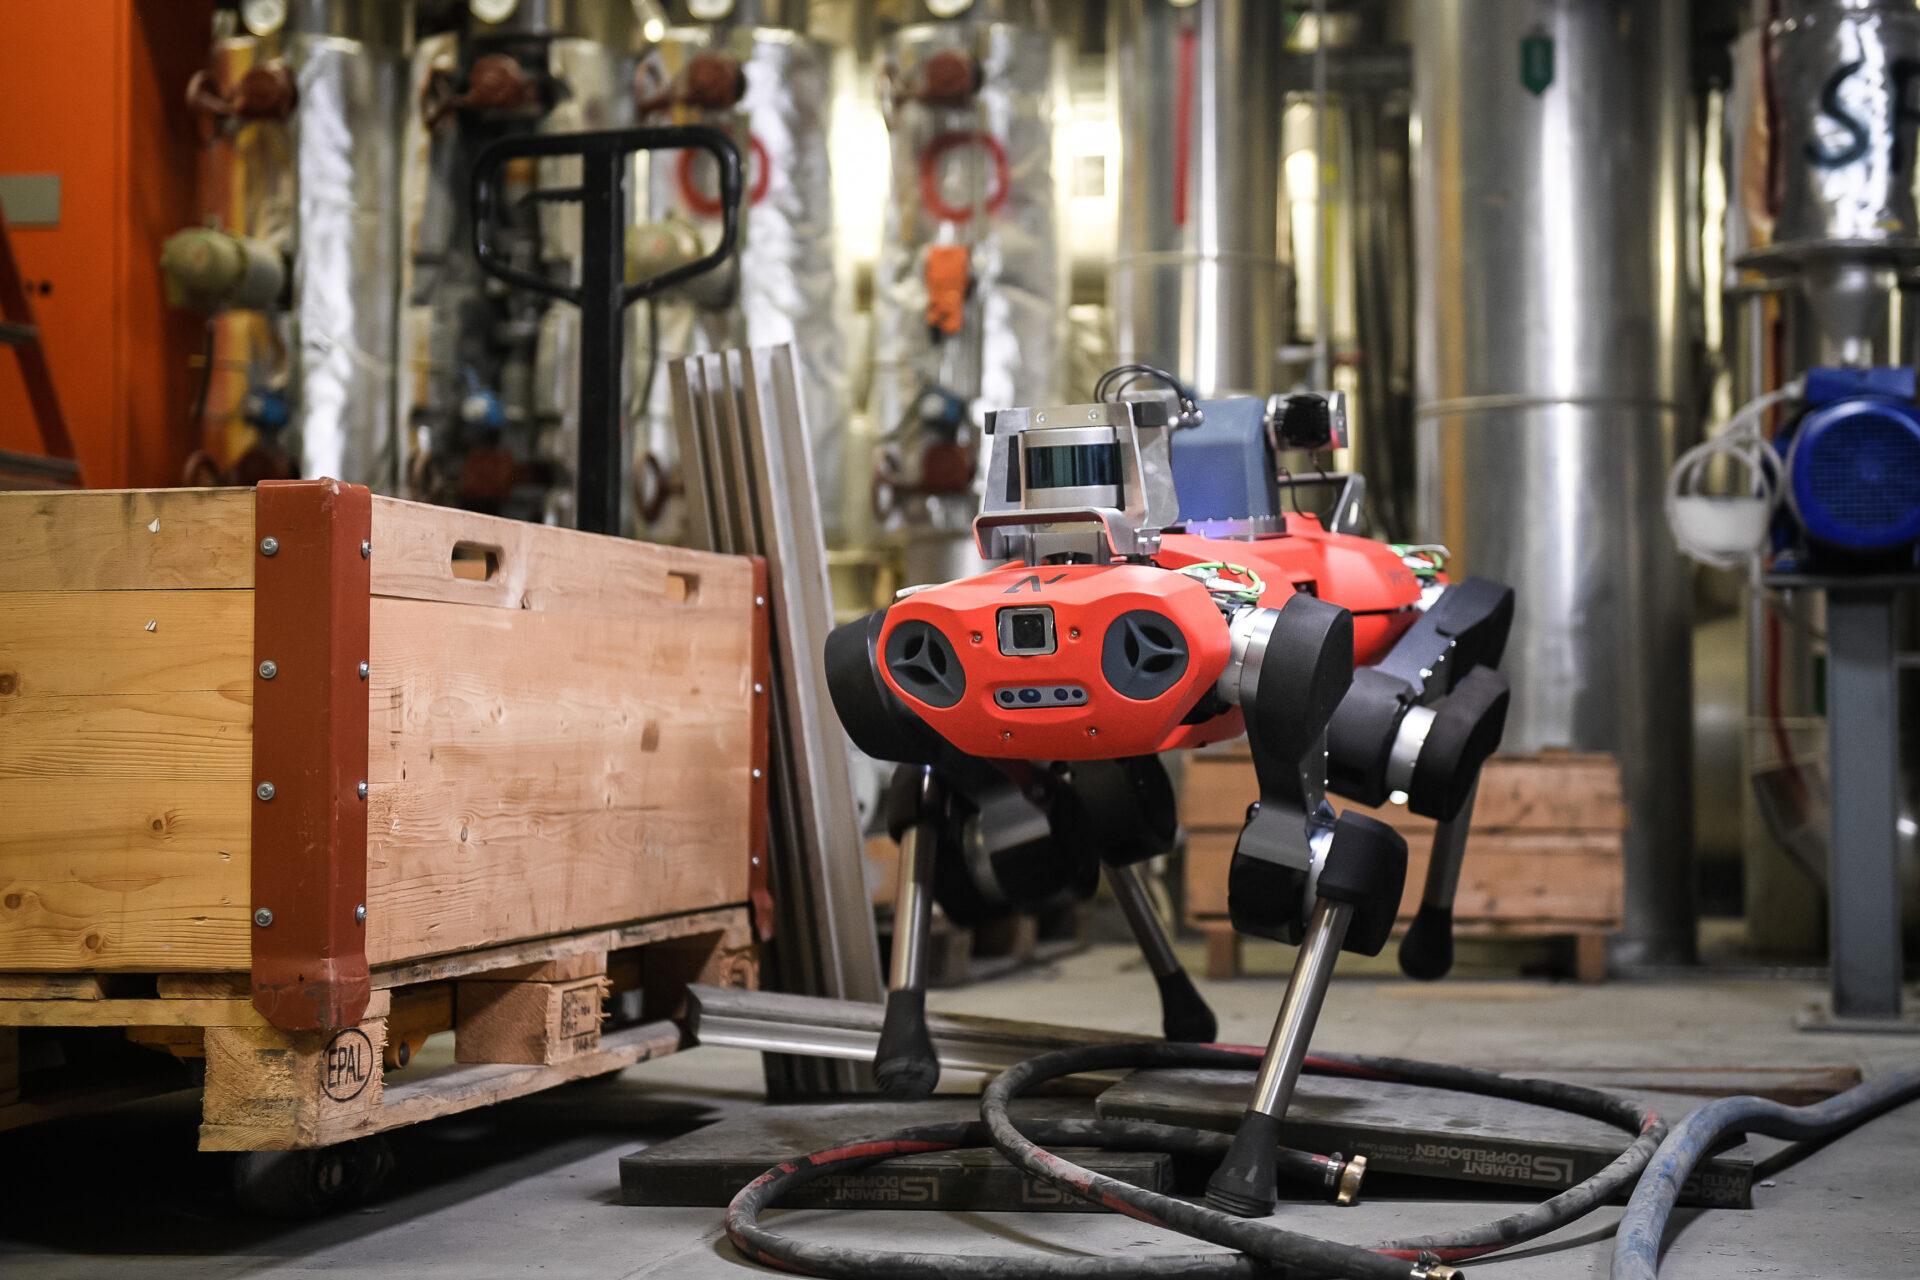 Как работает Spot от Boston Dynamics? Возможный ответ - 1